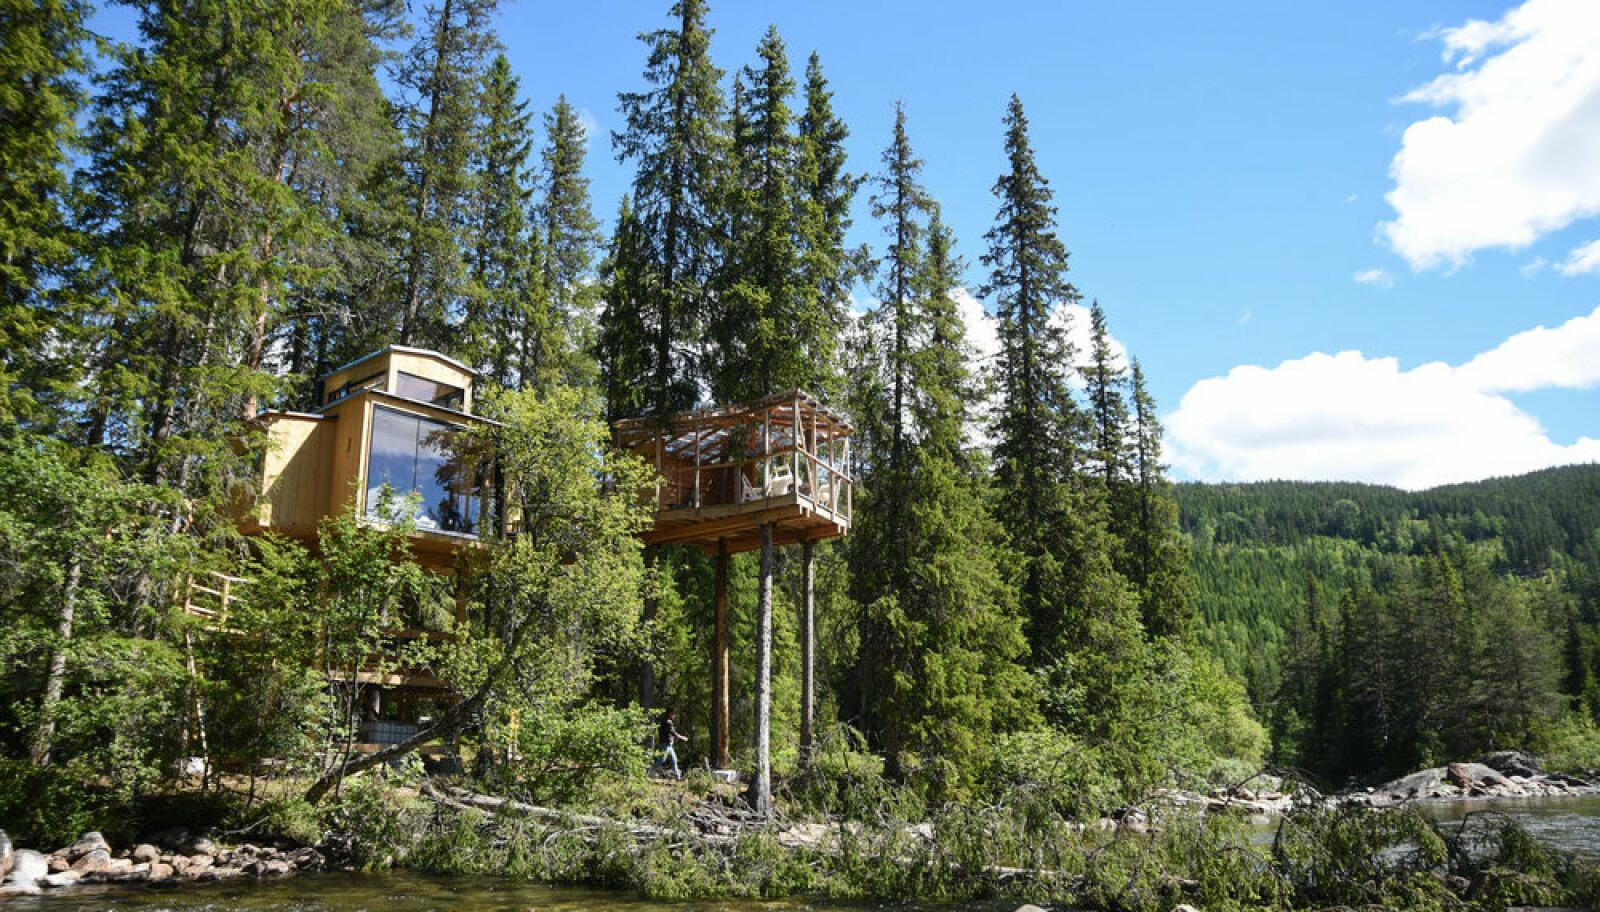 TRETOPPHYTTE: Hva med å tilbringe noen av dagene i sommer i toppen av et tre? Foto: Å Camp